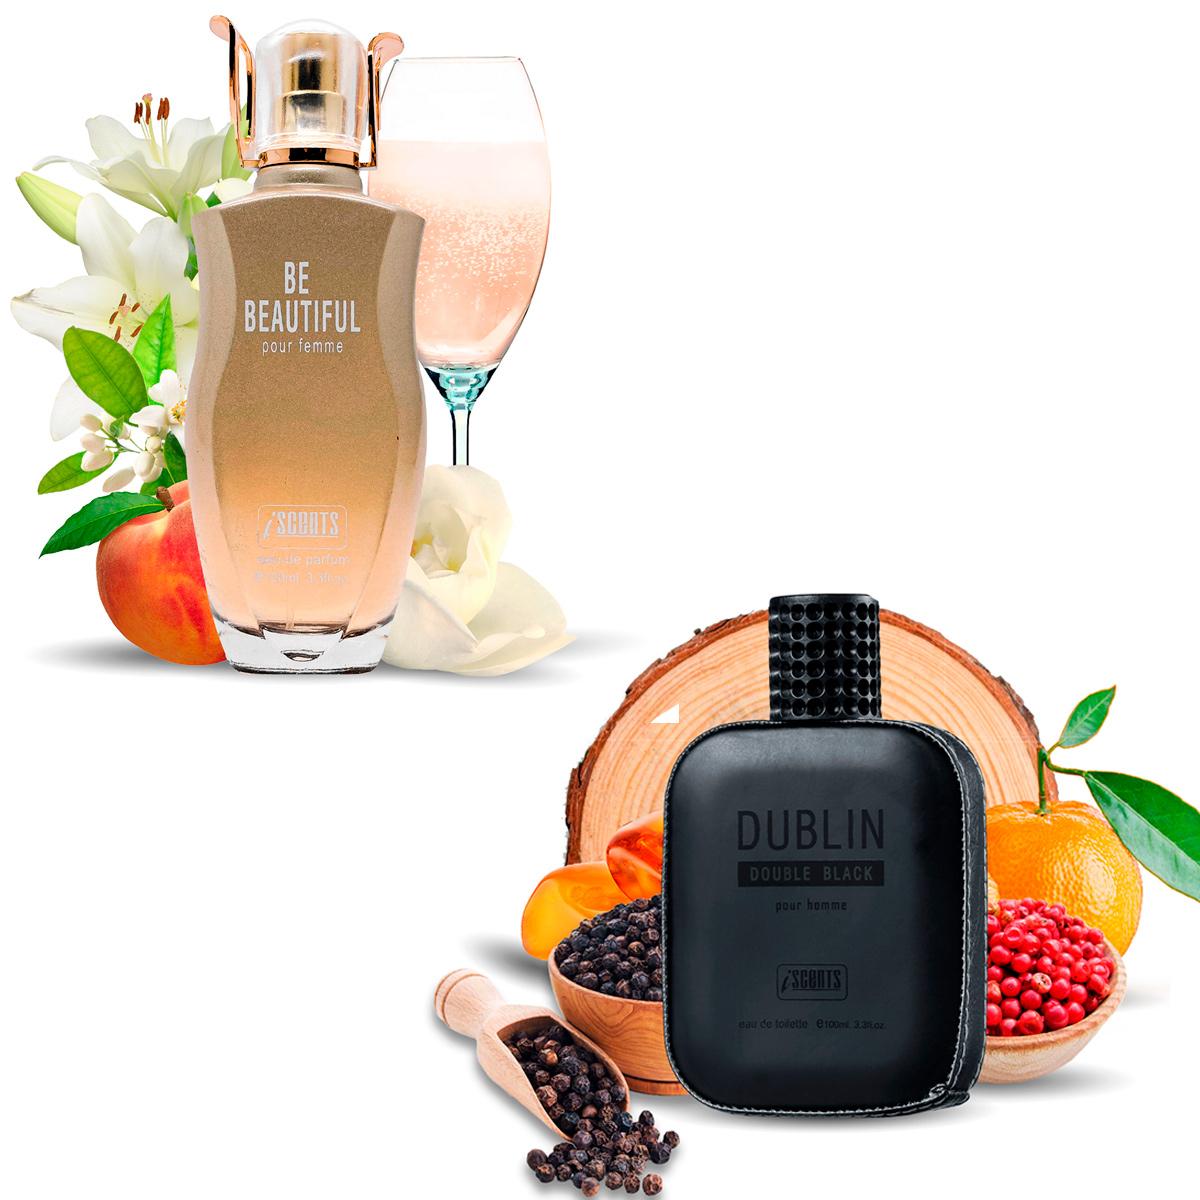 Kit 2 Perfumes Importados Be Beautiful e Dublin I Scents